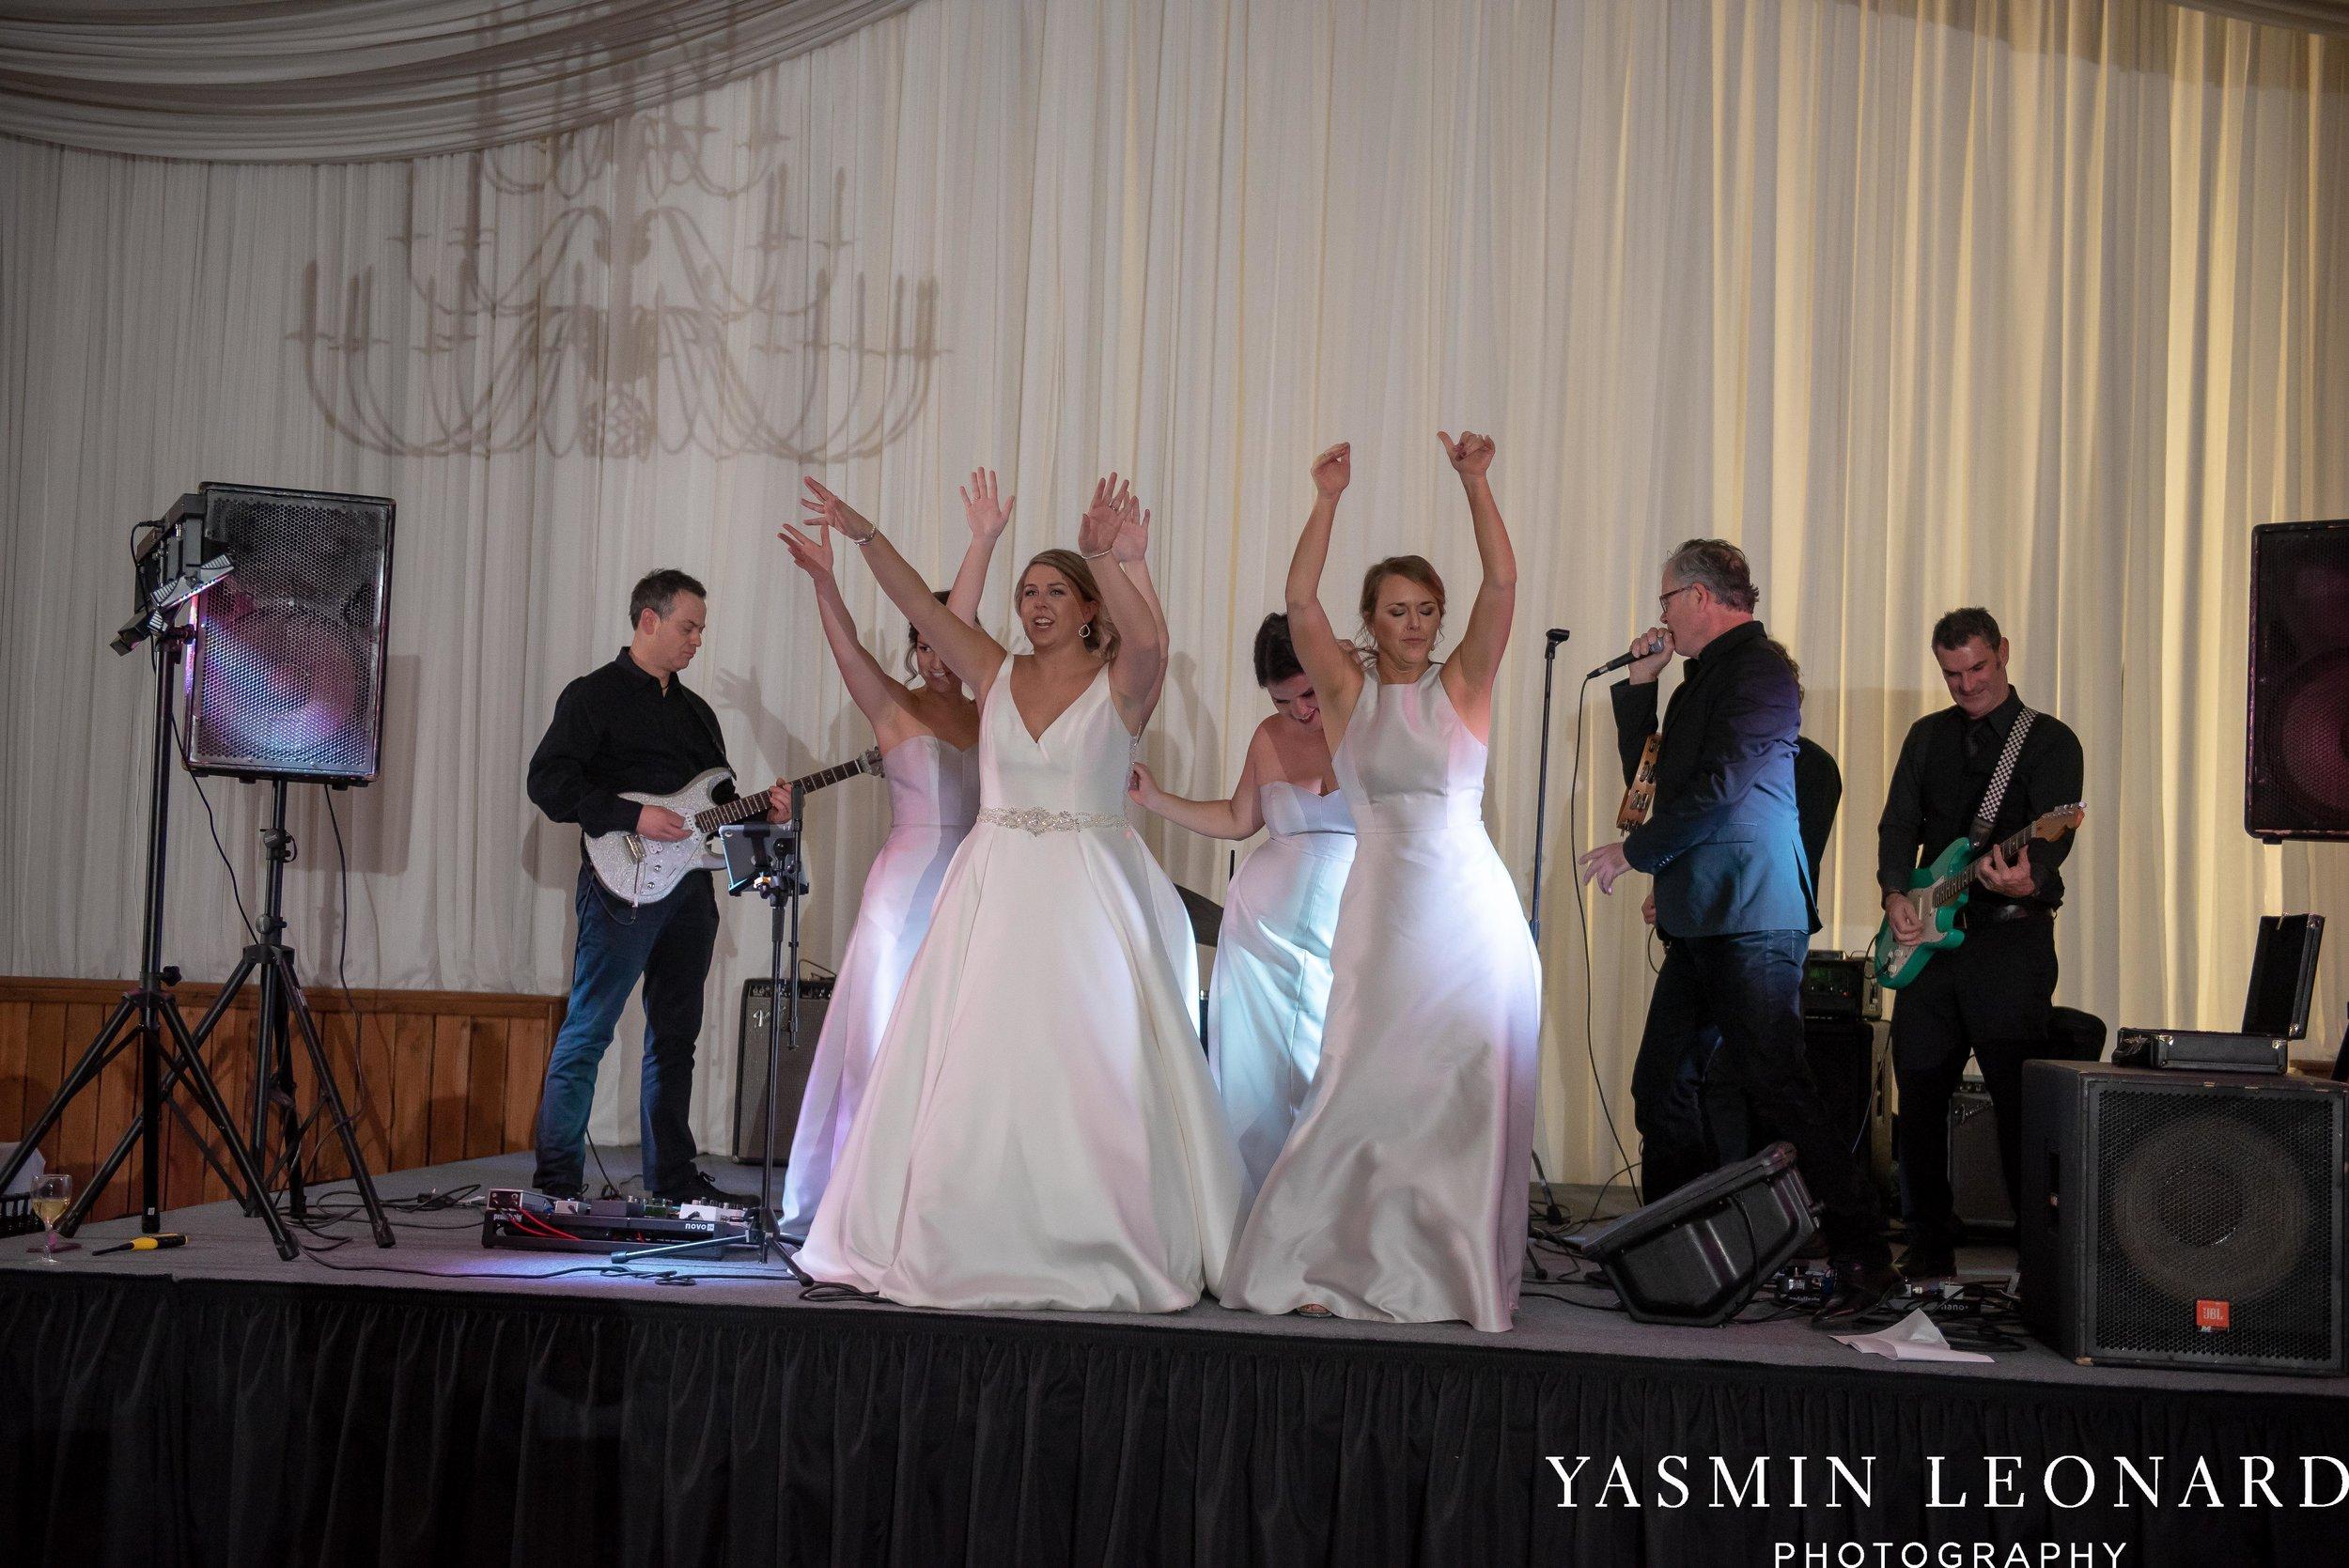 Adaumont Farm - Wesley Memorial Weddings - High Point Weddings - Just Priceless - NC Wedding Photographer - Yasmin Leonard Photography - High Point Wedding Vendors-74.jpg